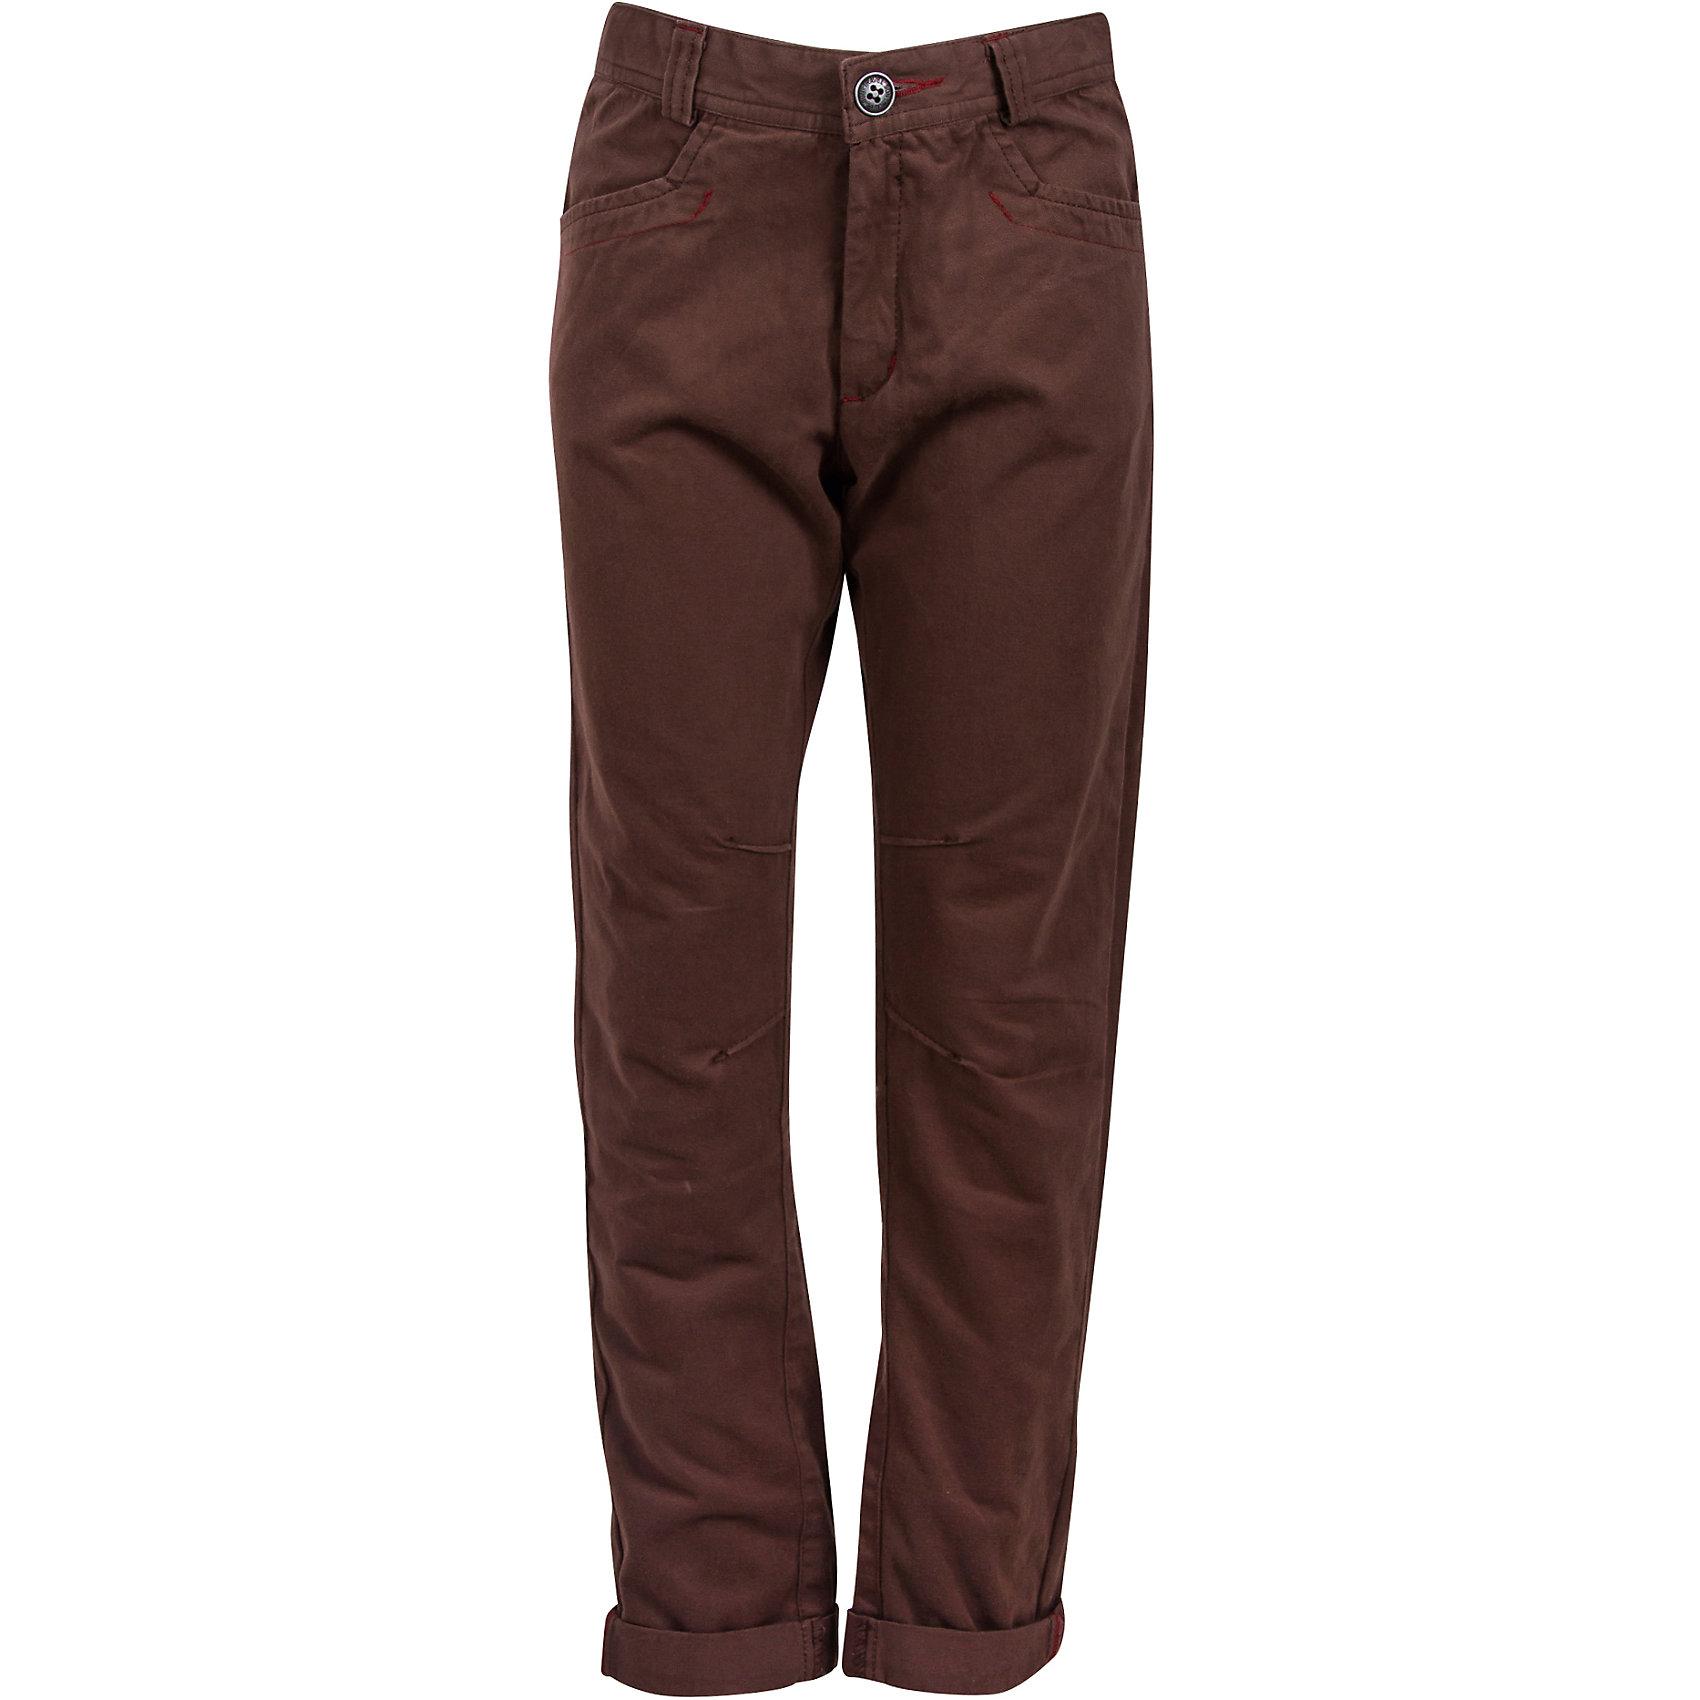 Брюки для мальчика Bell BimboБрюки<br>Брюки для мальчика от марки Bell Bimbo.<br>Однотонные брюки дополнены двумя боковыми карманами спереди, двумя накладными карманами сзади, застежка молния+пуговица,  шлёвки для ремня, манжеты<br>Состав:<br>Твил 100% хб<br><br>Ширина мм: 215<br>Глубина мм: 88<br>Высота мм: 191<br>Вес г: 336<br>Цвет: коричневый<br>Возраст от месяцев: 84<br>Возраст до месяцев: 96<br>Пол: Мужской<br>Возраст: Детский<br>Размер: 128,134,164,146,152,158,140<br>SKU: 4578569